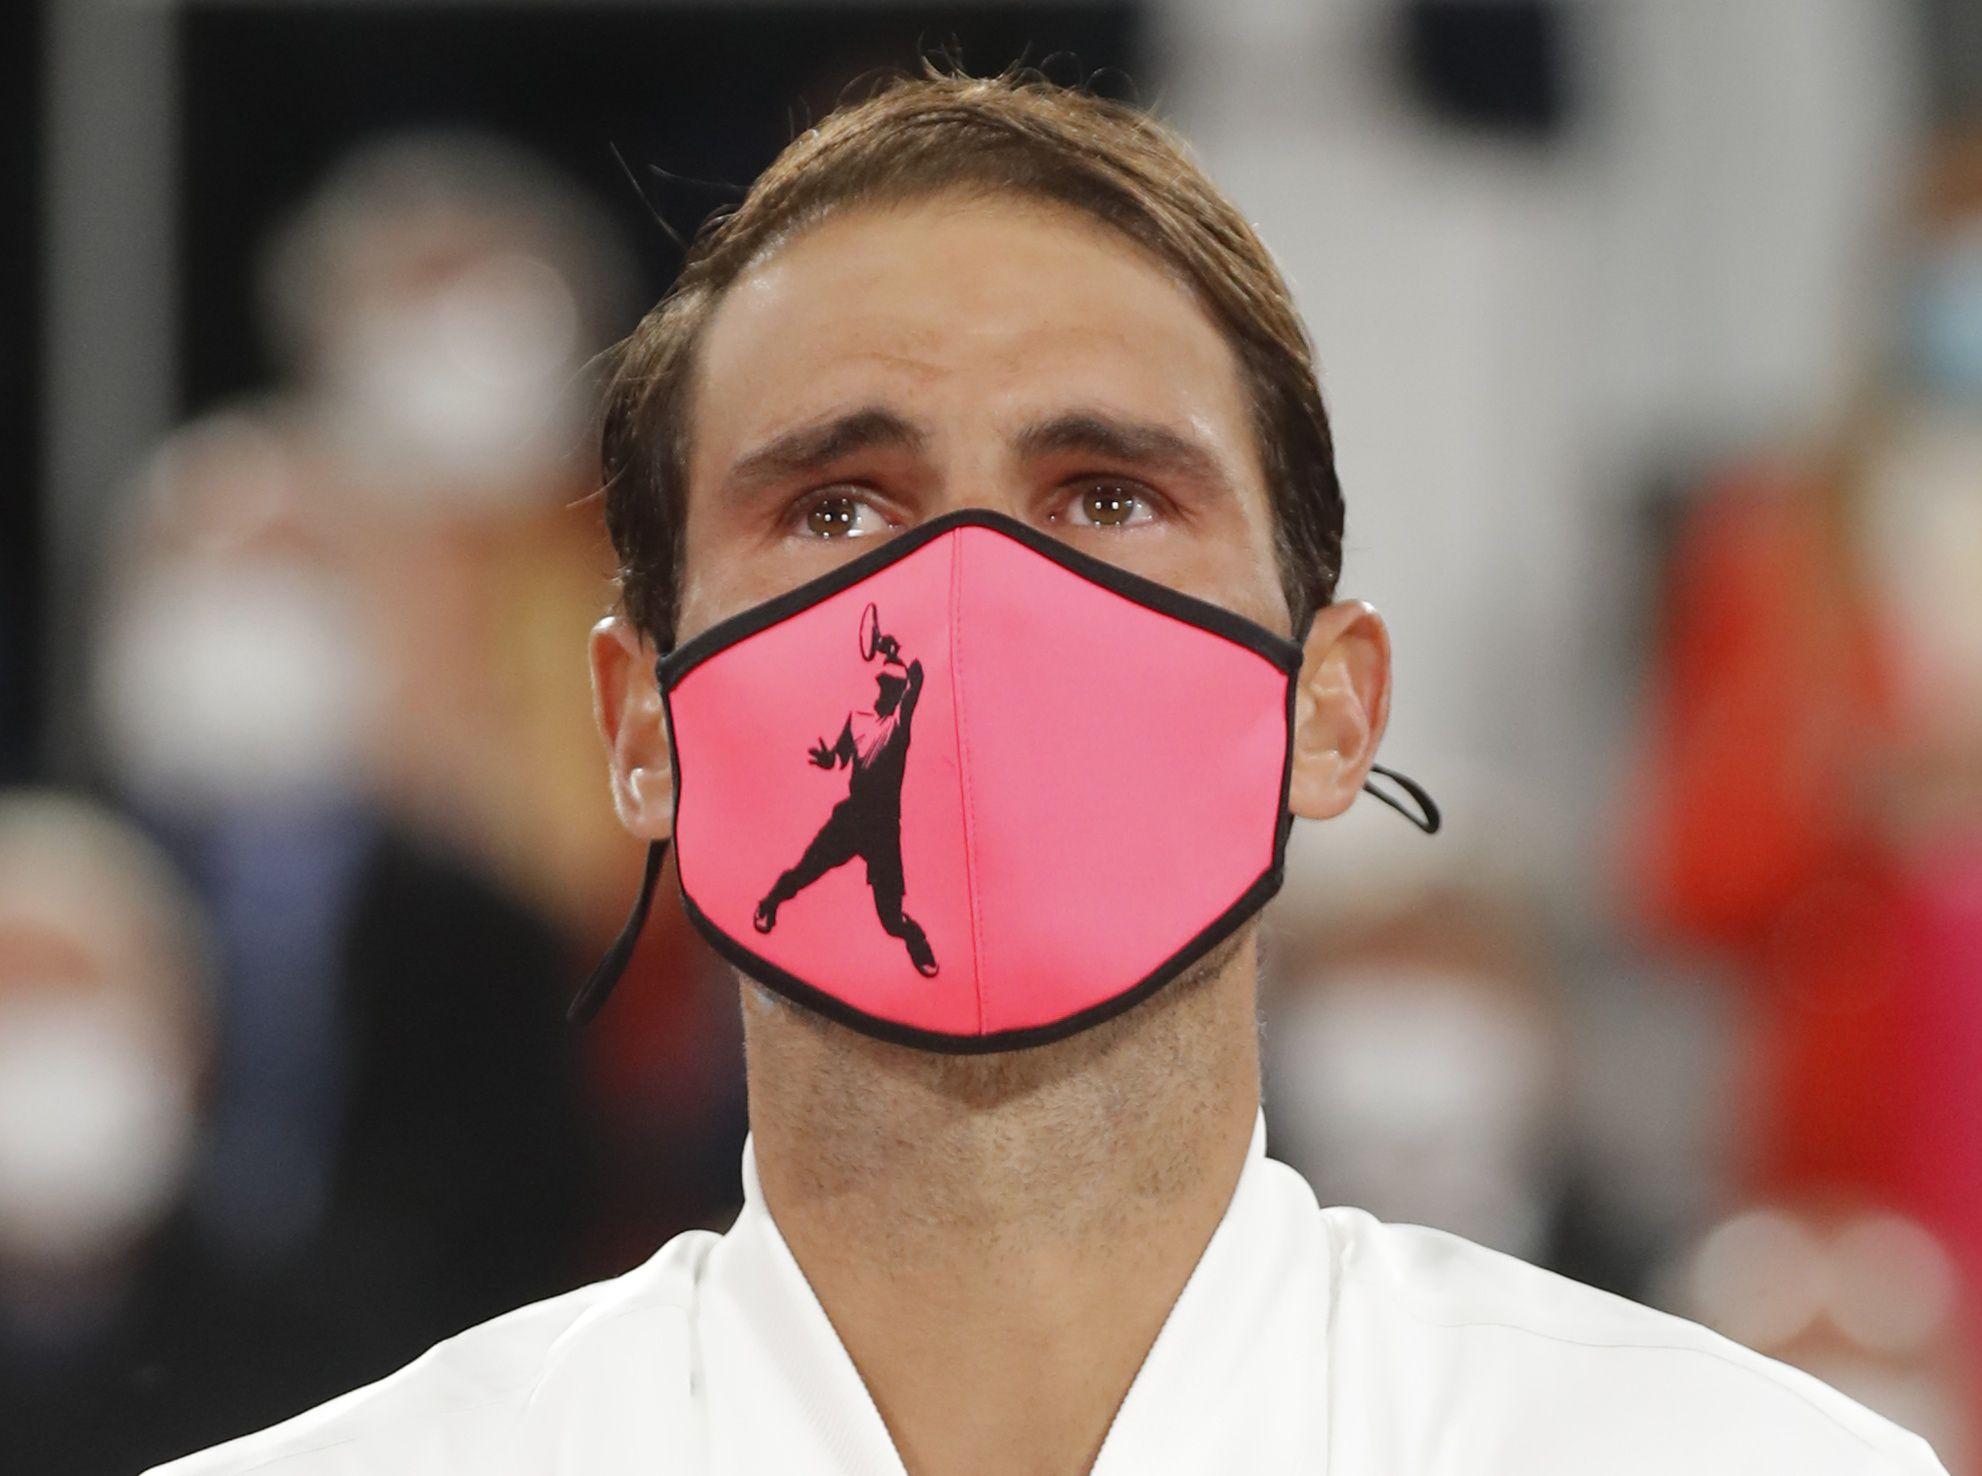 Solos dos tenistas han logrado vencer en toda la historia a Rafael Nadal en Roland Garros (REUTERS/Charles Platiau)